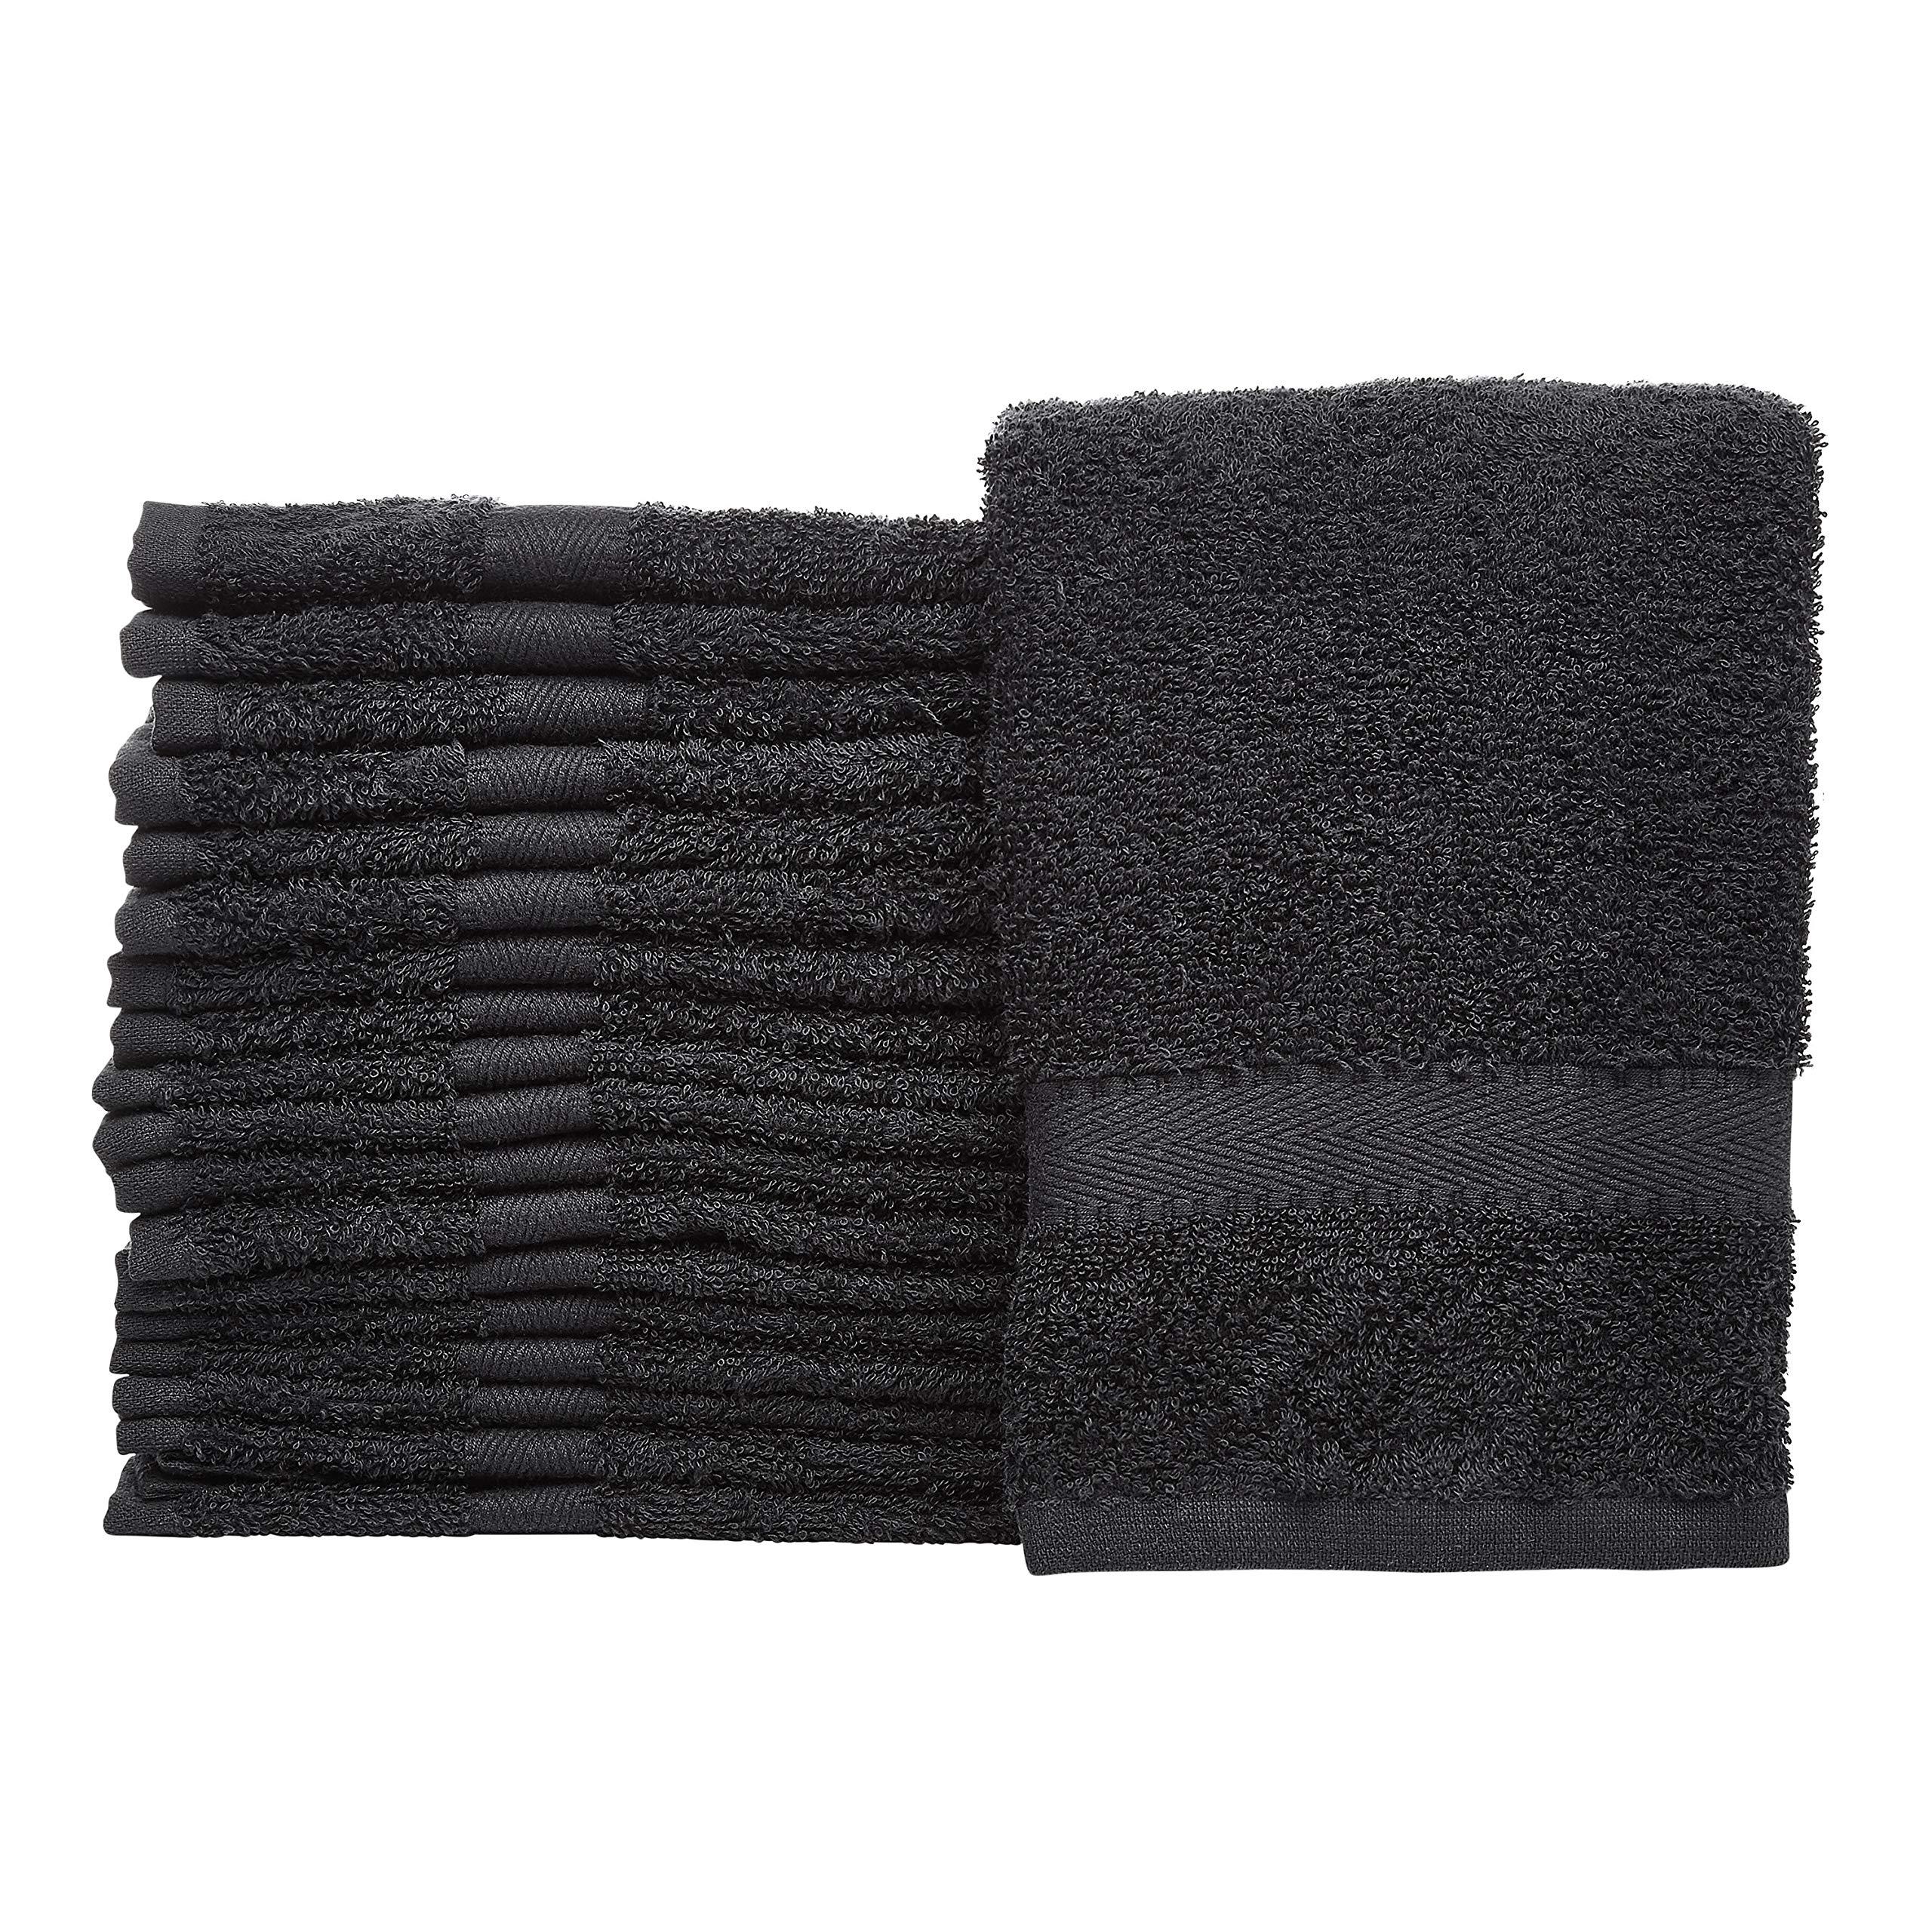 Linteum Textile (24-Pack, 16x27 in, Black) Bleach Proof Hand Towel - Bleach Safe Salon & Gym Towels, 100% Cotton